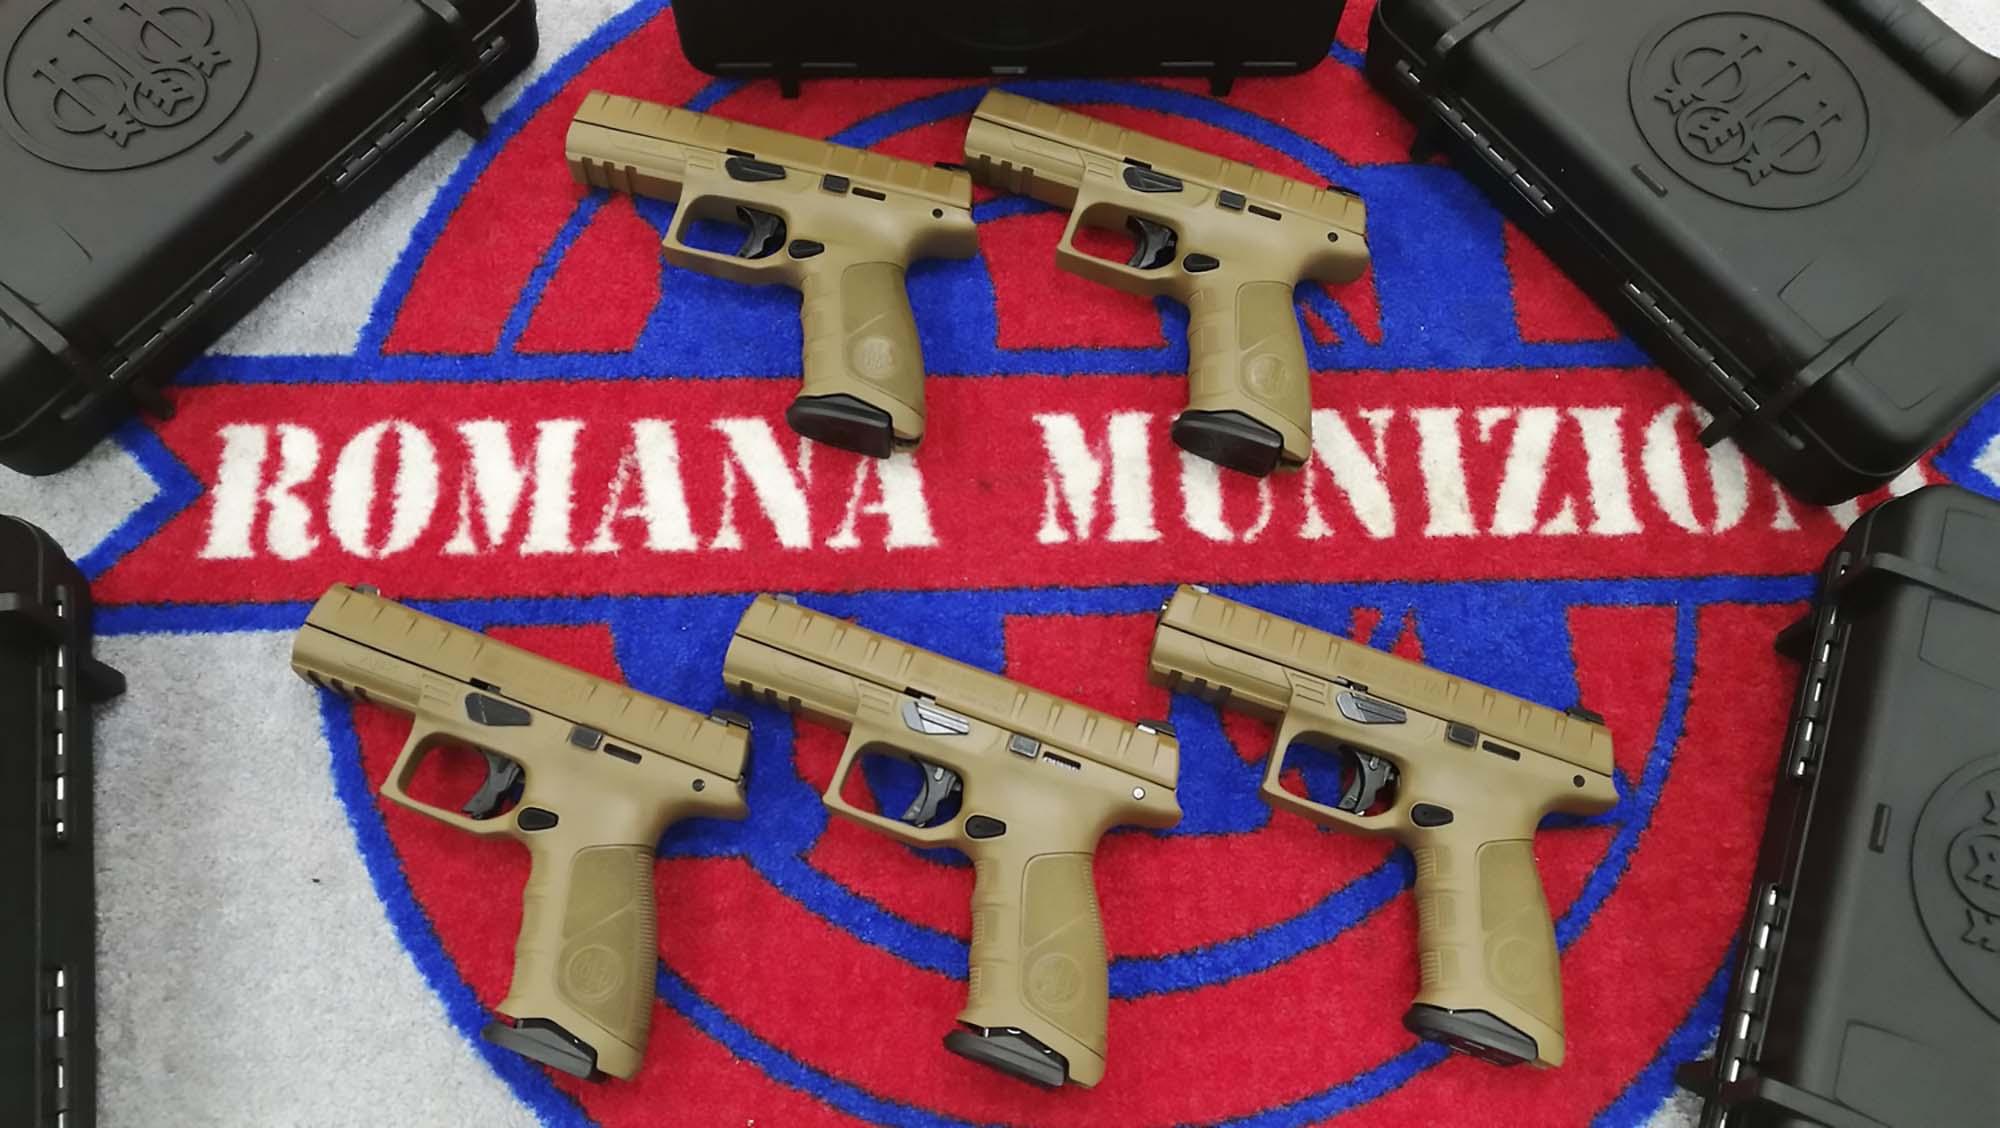 Romana Munizioni celebra il secondo anniversario  d4a2f429dff